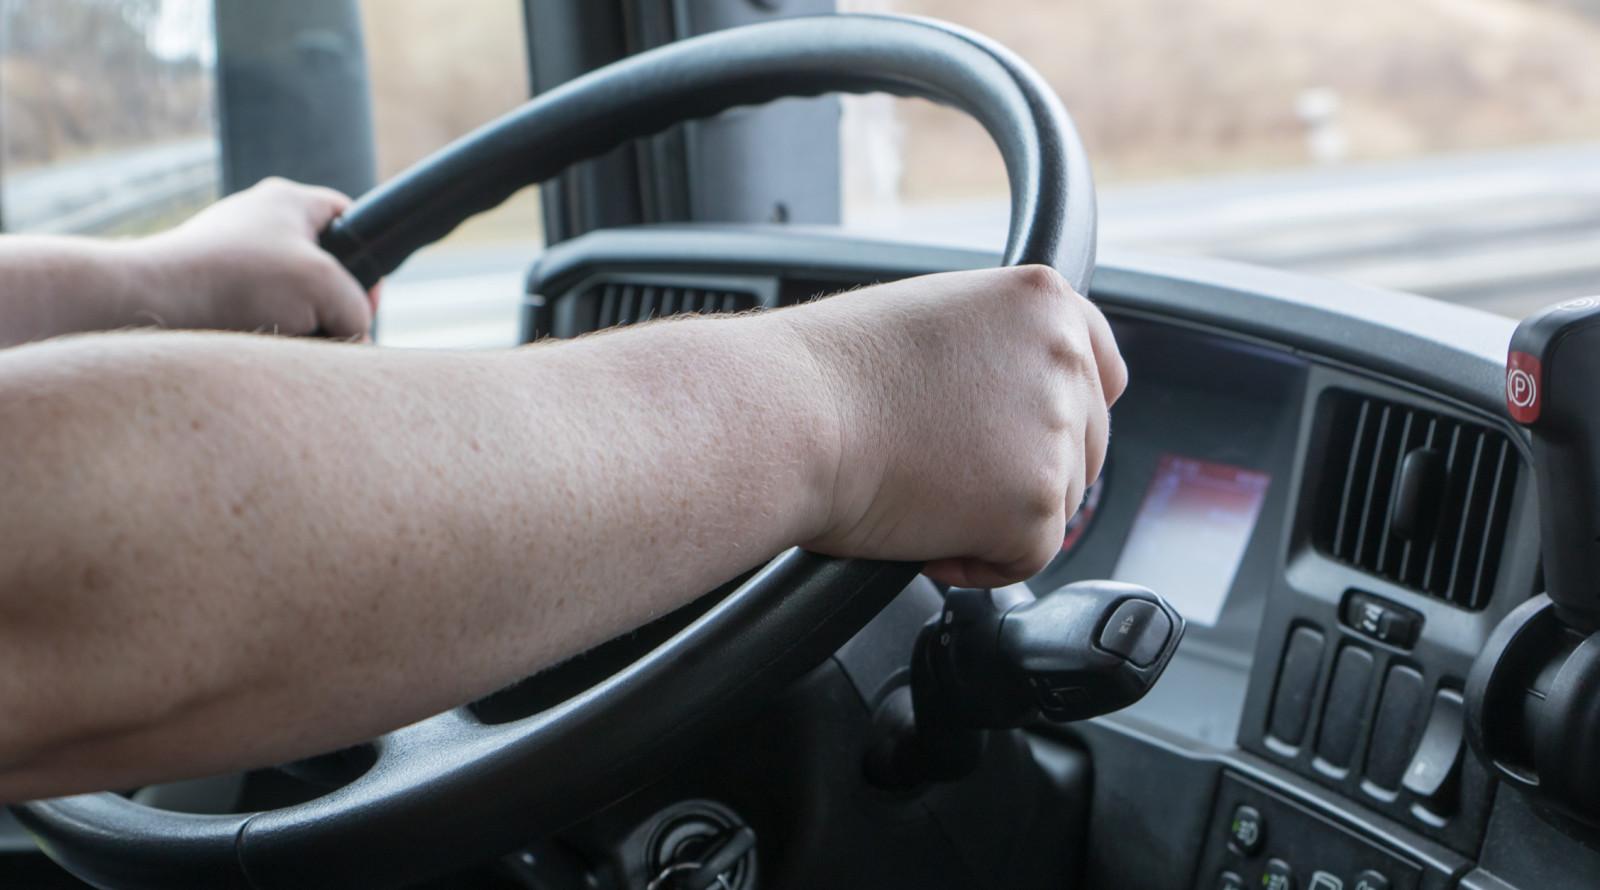 Zwei Hände umfassen das Lenkrad eines Lkw